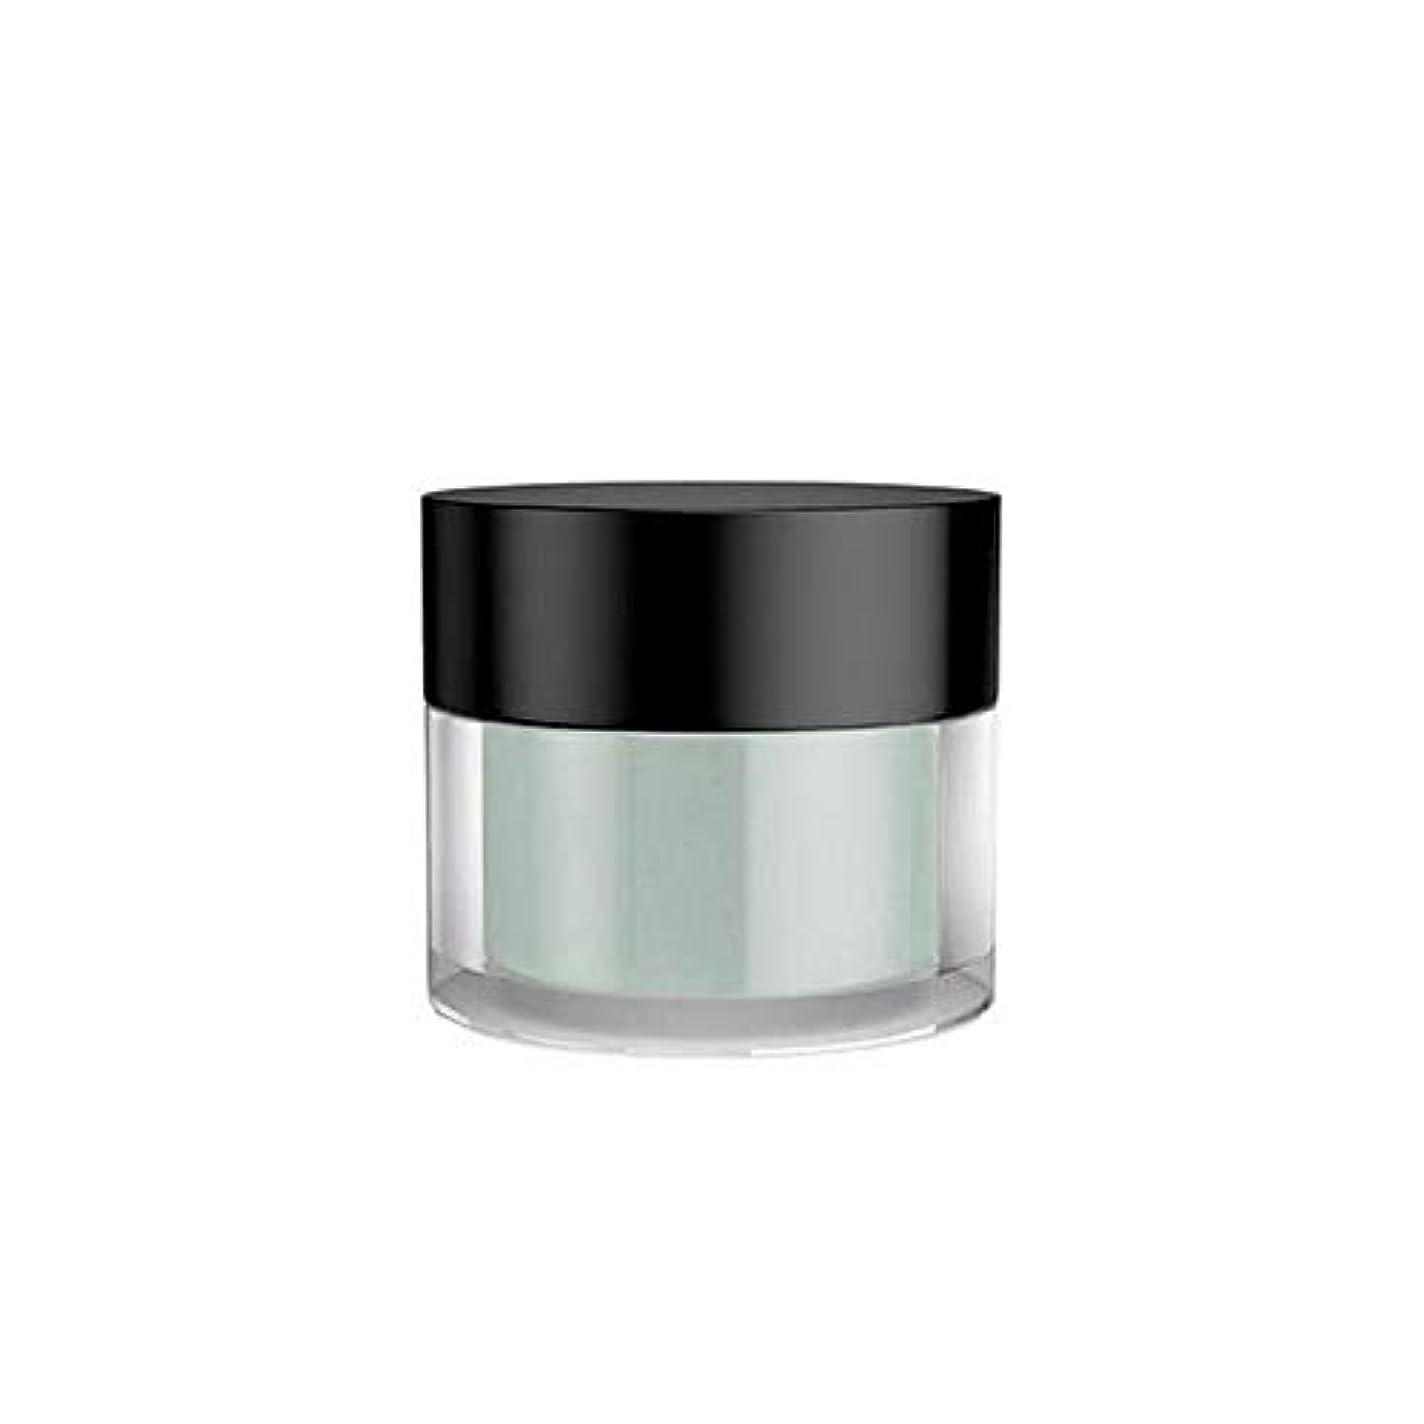 口恐怖症アフリカ人[GOSH ] おやっ効果粉末クロムグリーン006 - Gosh Effect Powder Chrome Green 006 [並行輸入品]